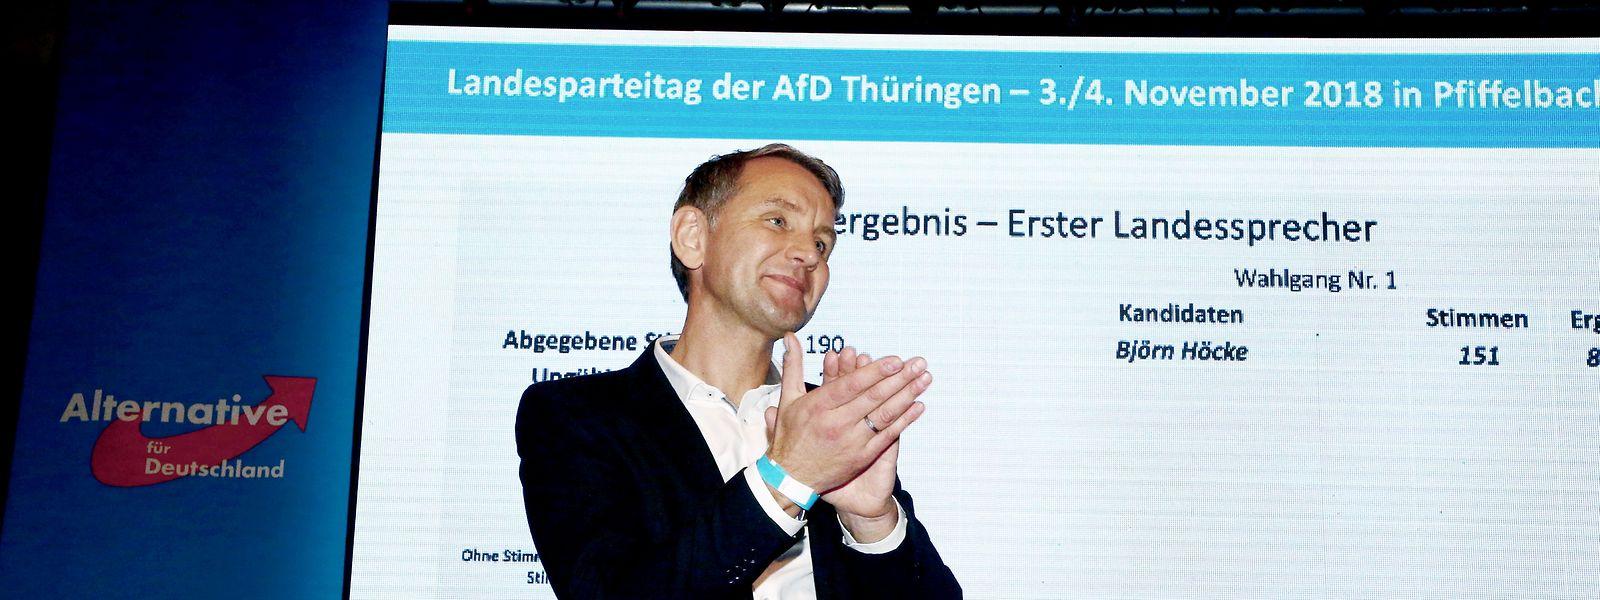 Björn Höcke, AfD-Fraktionsvorsitzender im Thüringer Landtag, applaudiert beim Landesparteitag der AfD Thüringen nach seiner Wiederwahl als Vorsitzender der Thüringer AfD. Thüringens umstrittener AfD-Vorsitzender Höcke ist auf einem Parteitag in seinem Amt bestätigt worden.